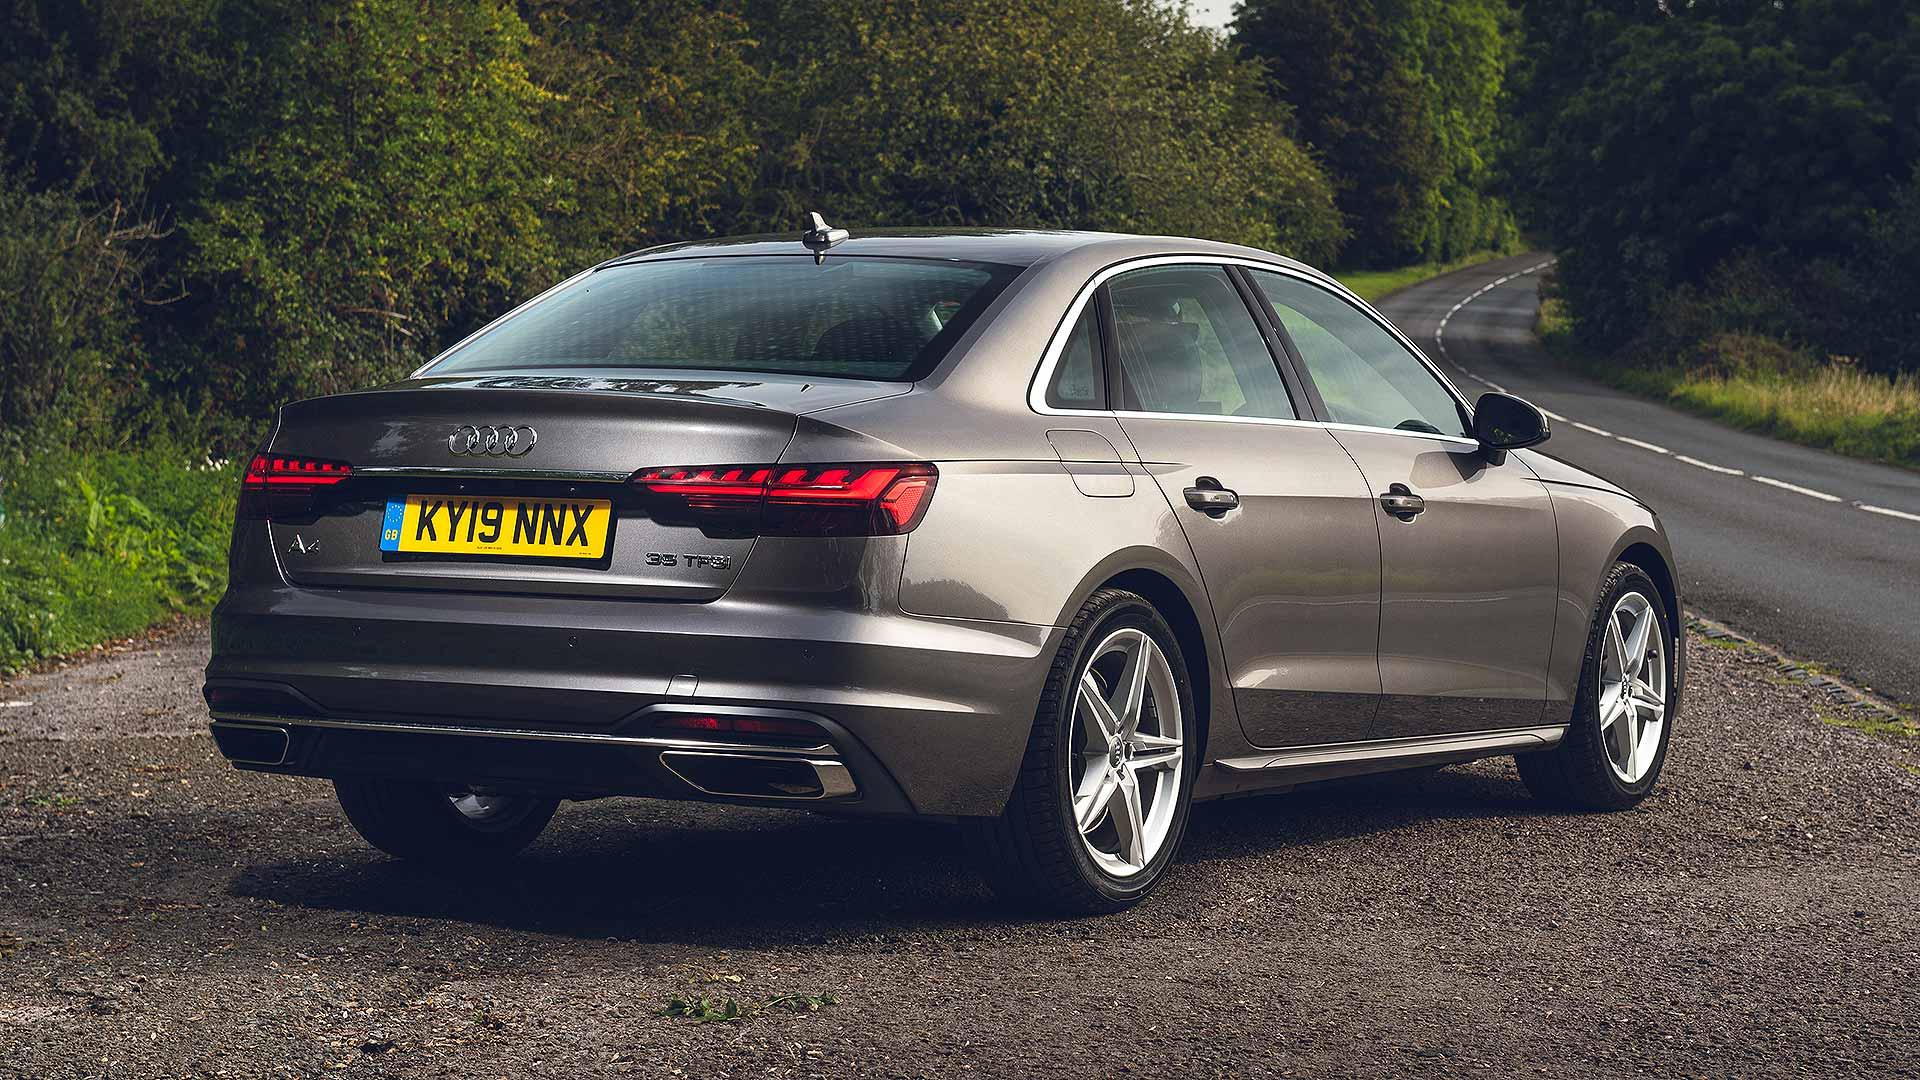 Kelebihan Kekurangan Audi A4 Sport Top Model Tahun Ini